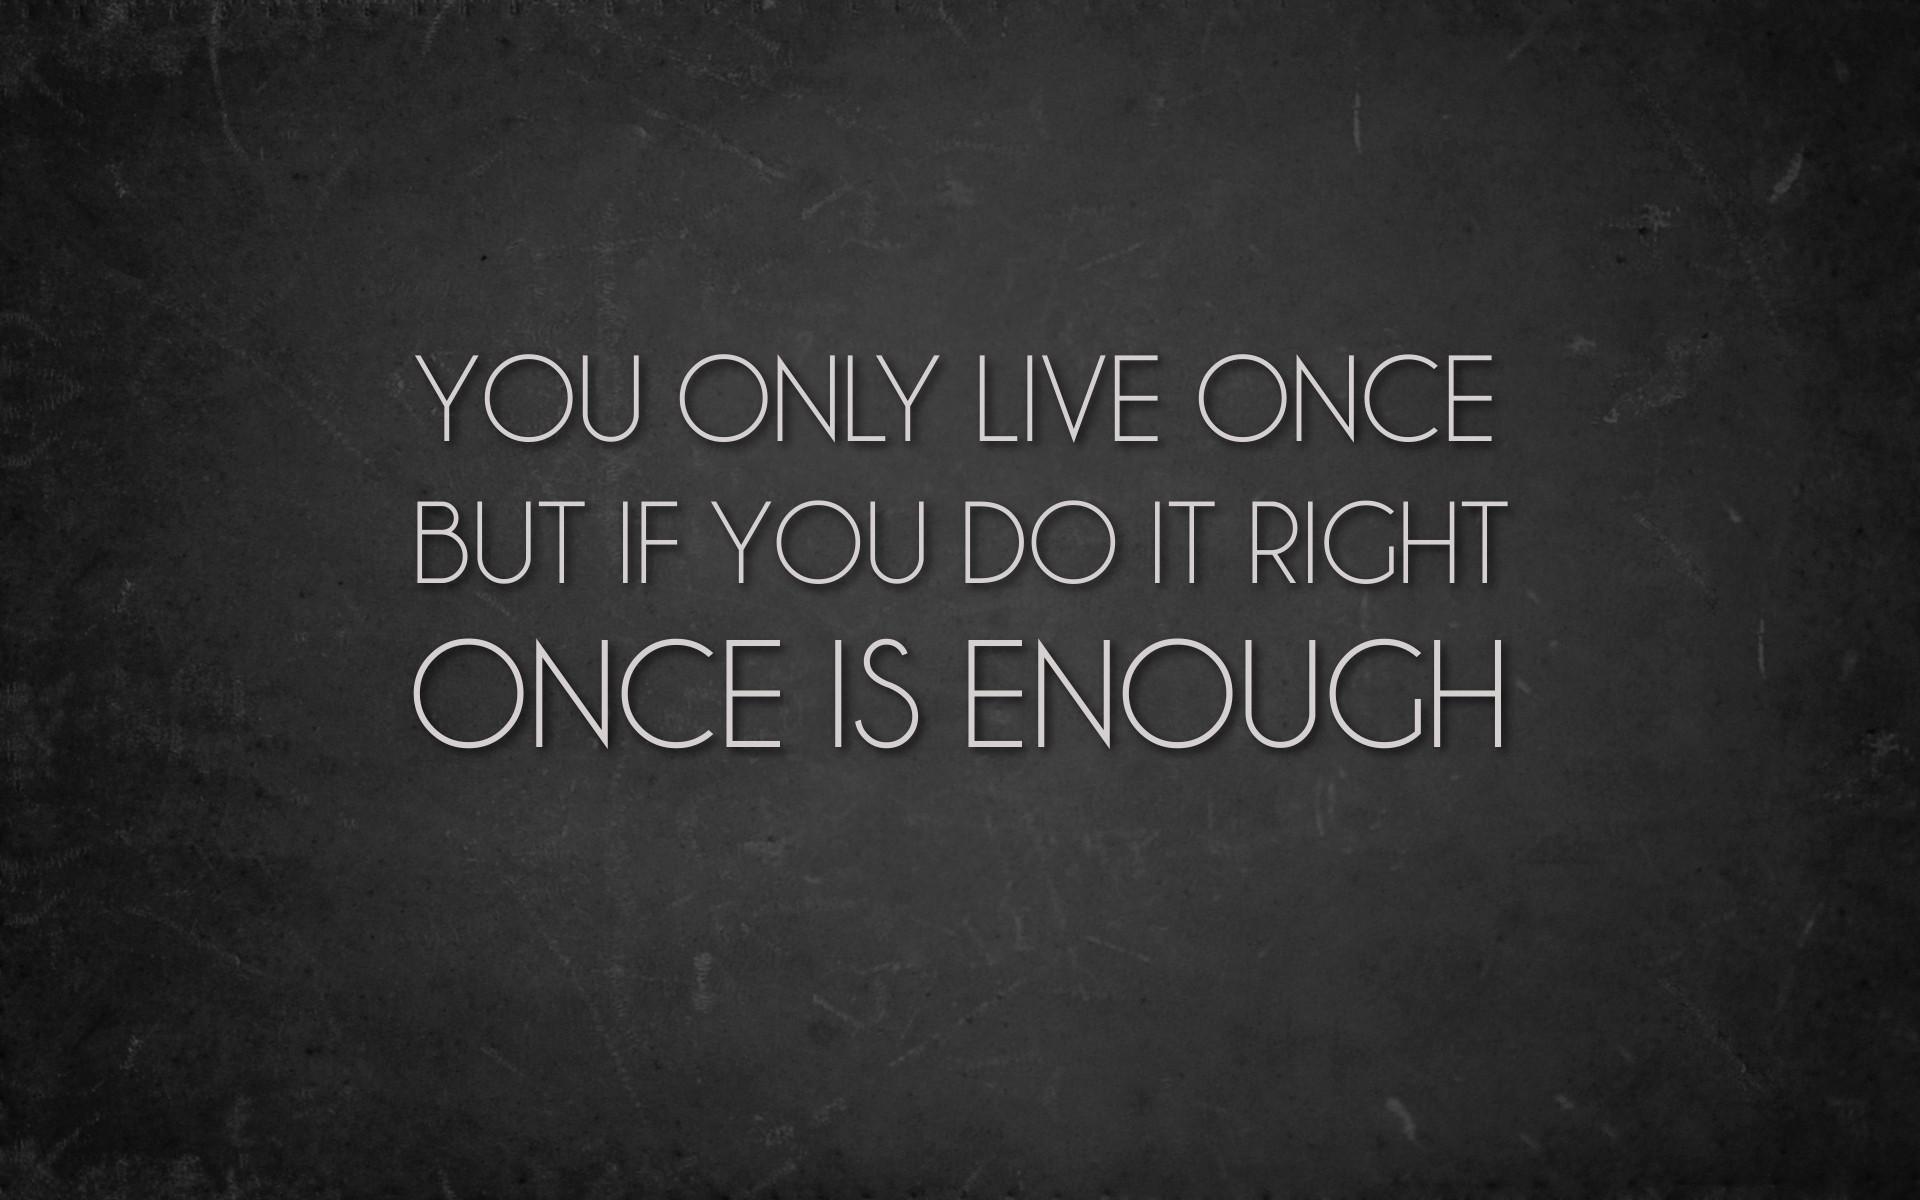 Quotes Quotes On Black Quotesgram